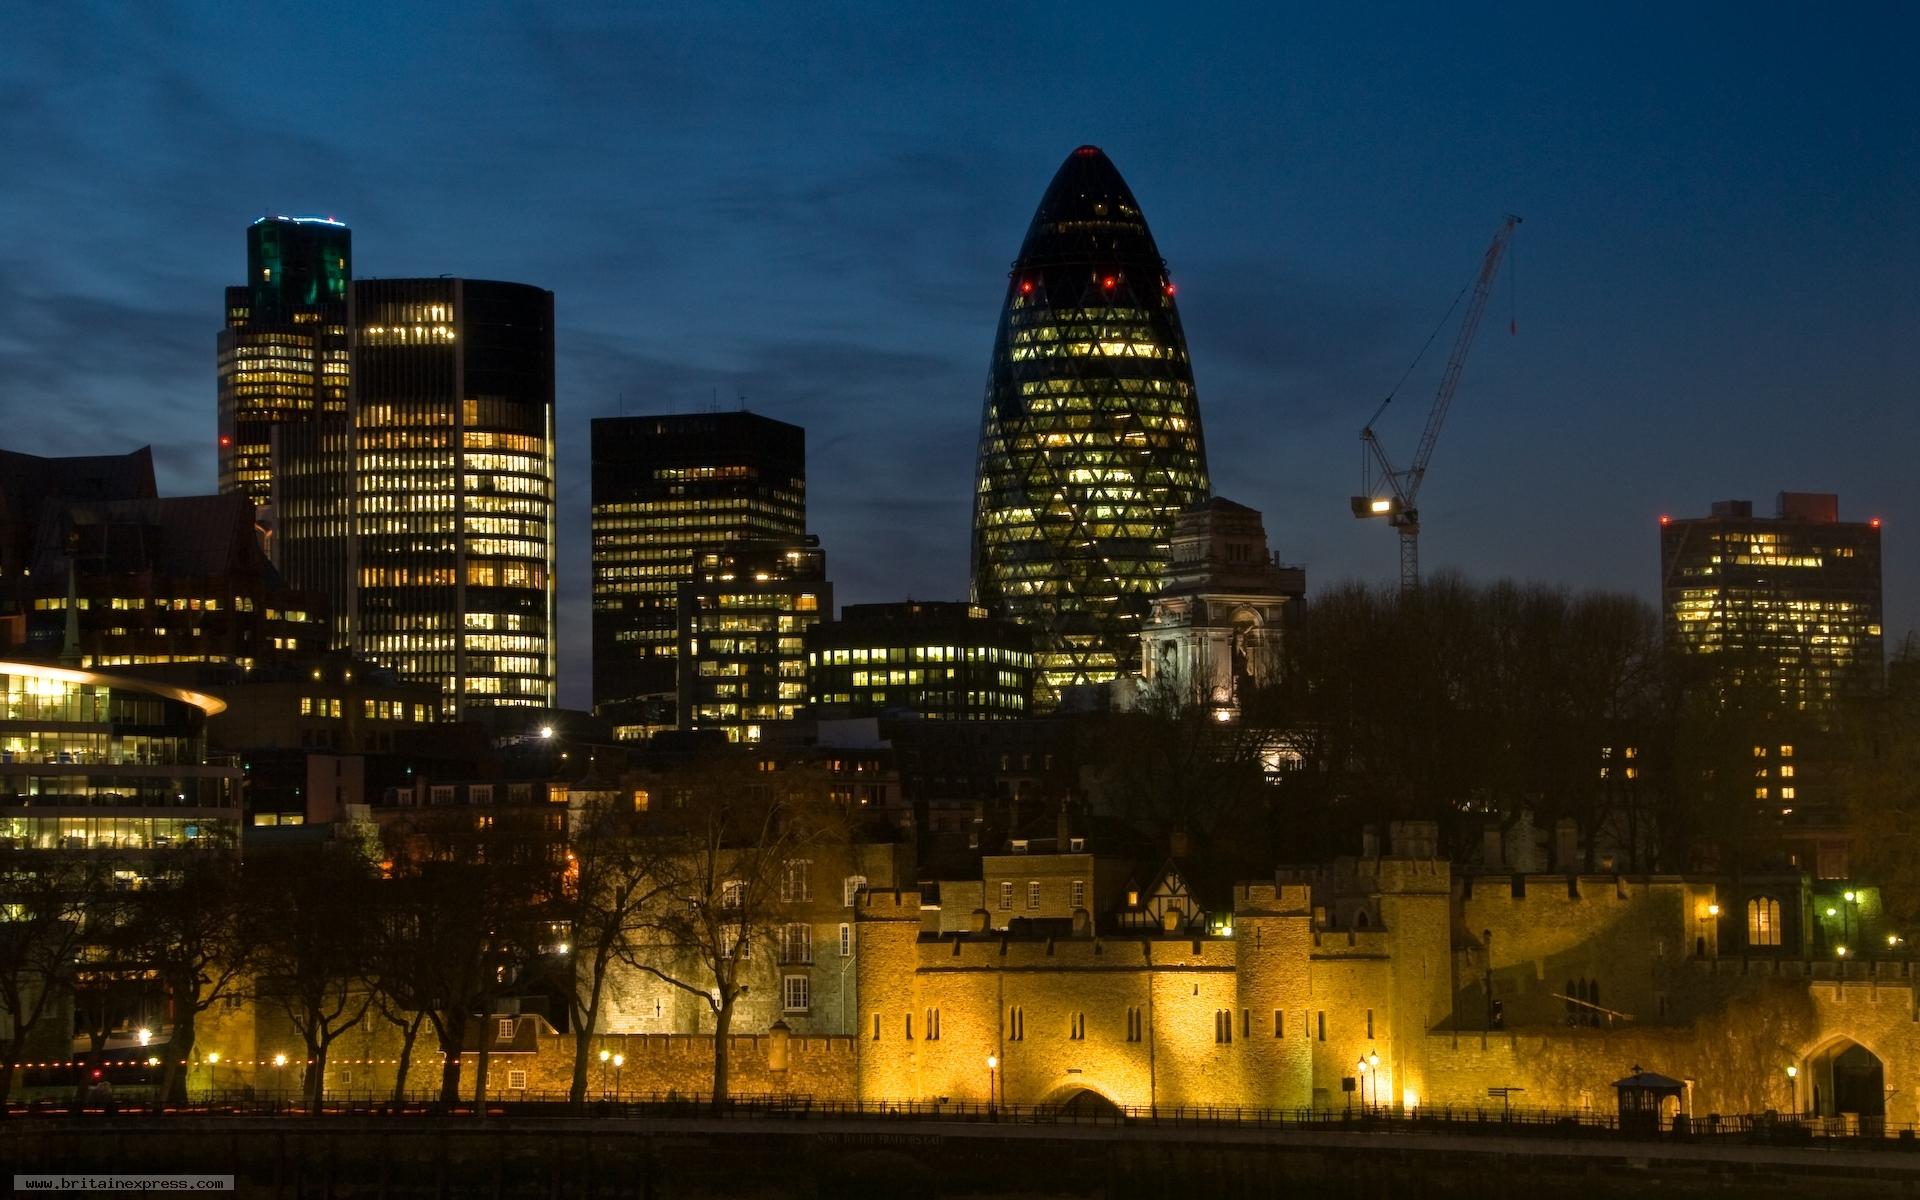 Tower-of-London-9877.jpg